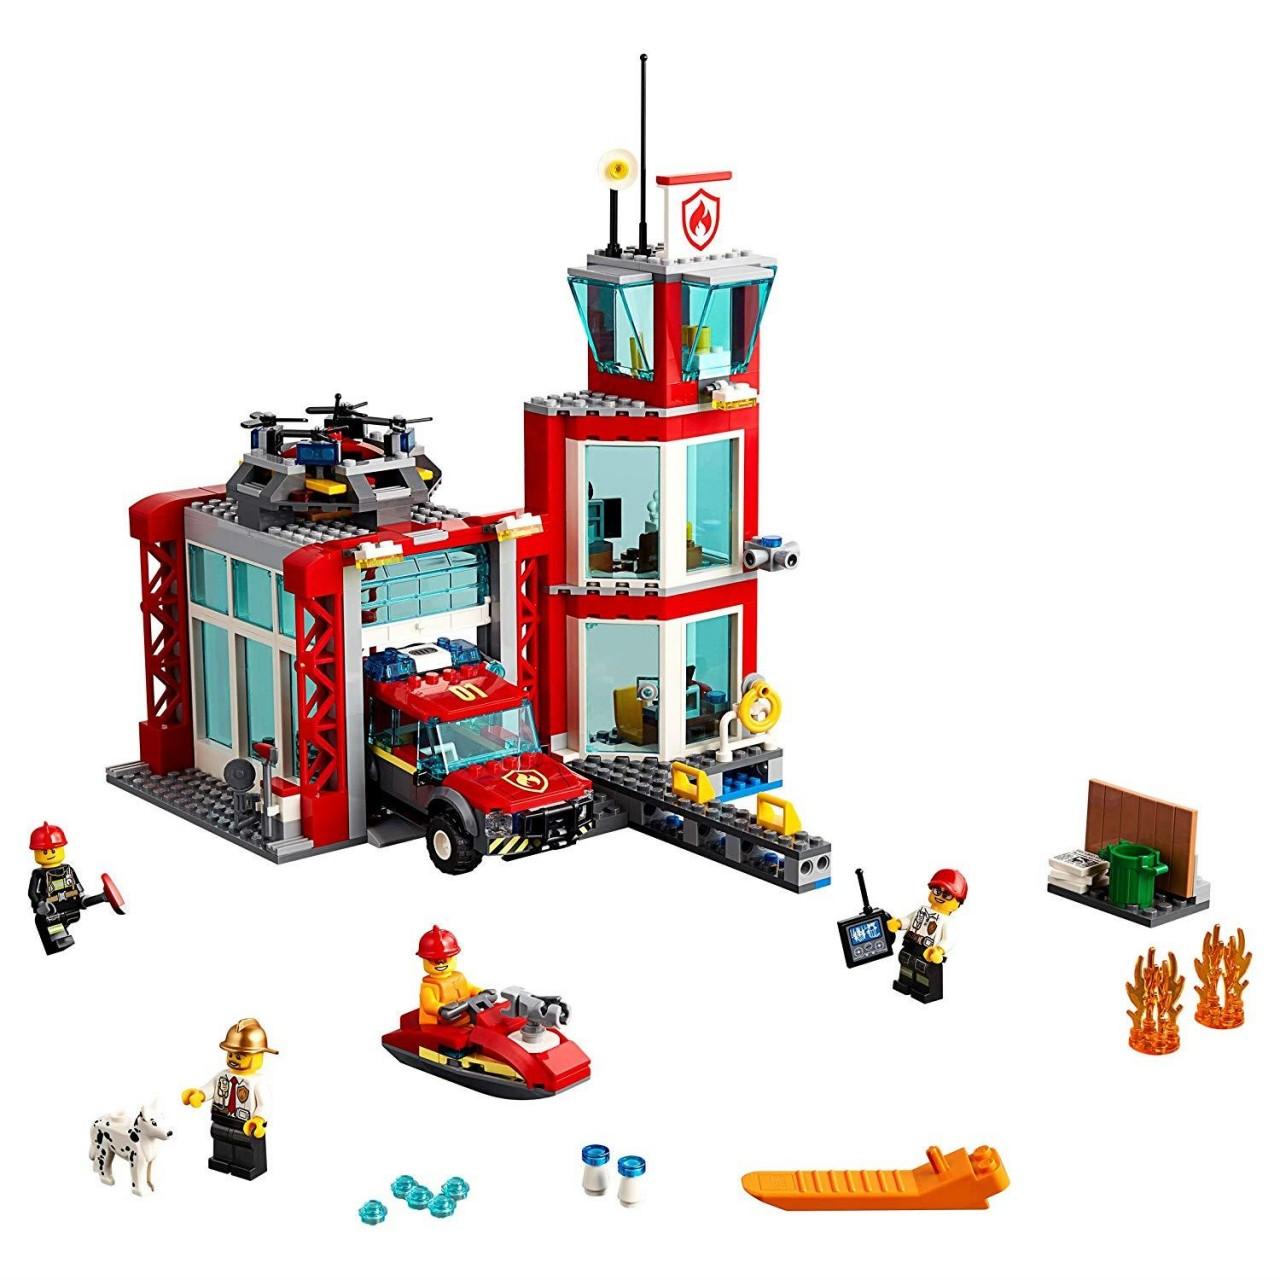 LEGO CITY 60215 Feuerwehr-Station